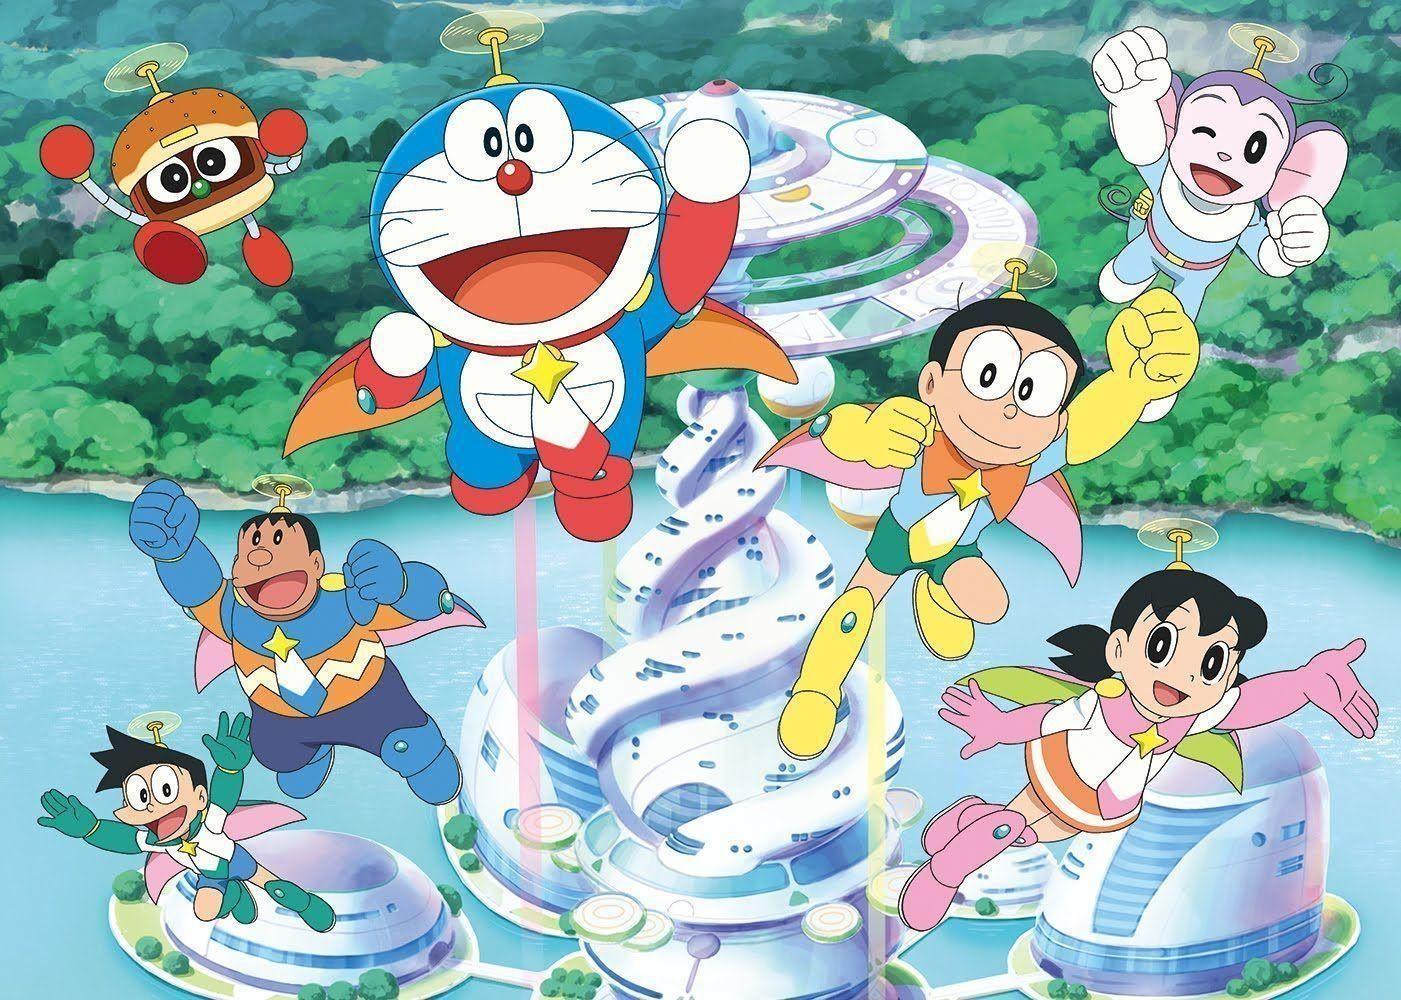 Tên của các nhân vật trong Doraemon nghĩa là gì